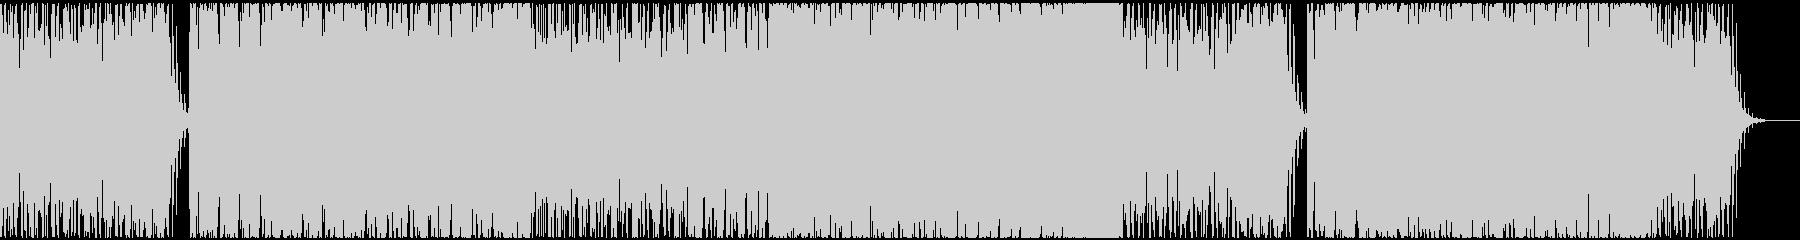 神秘的かつ浮遊感のあるアンビエントの未再生の波形